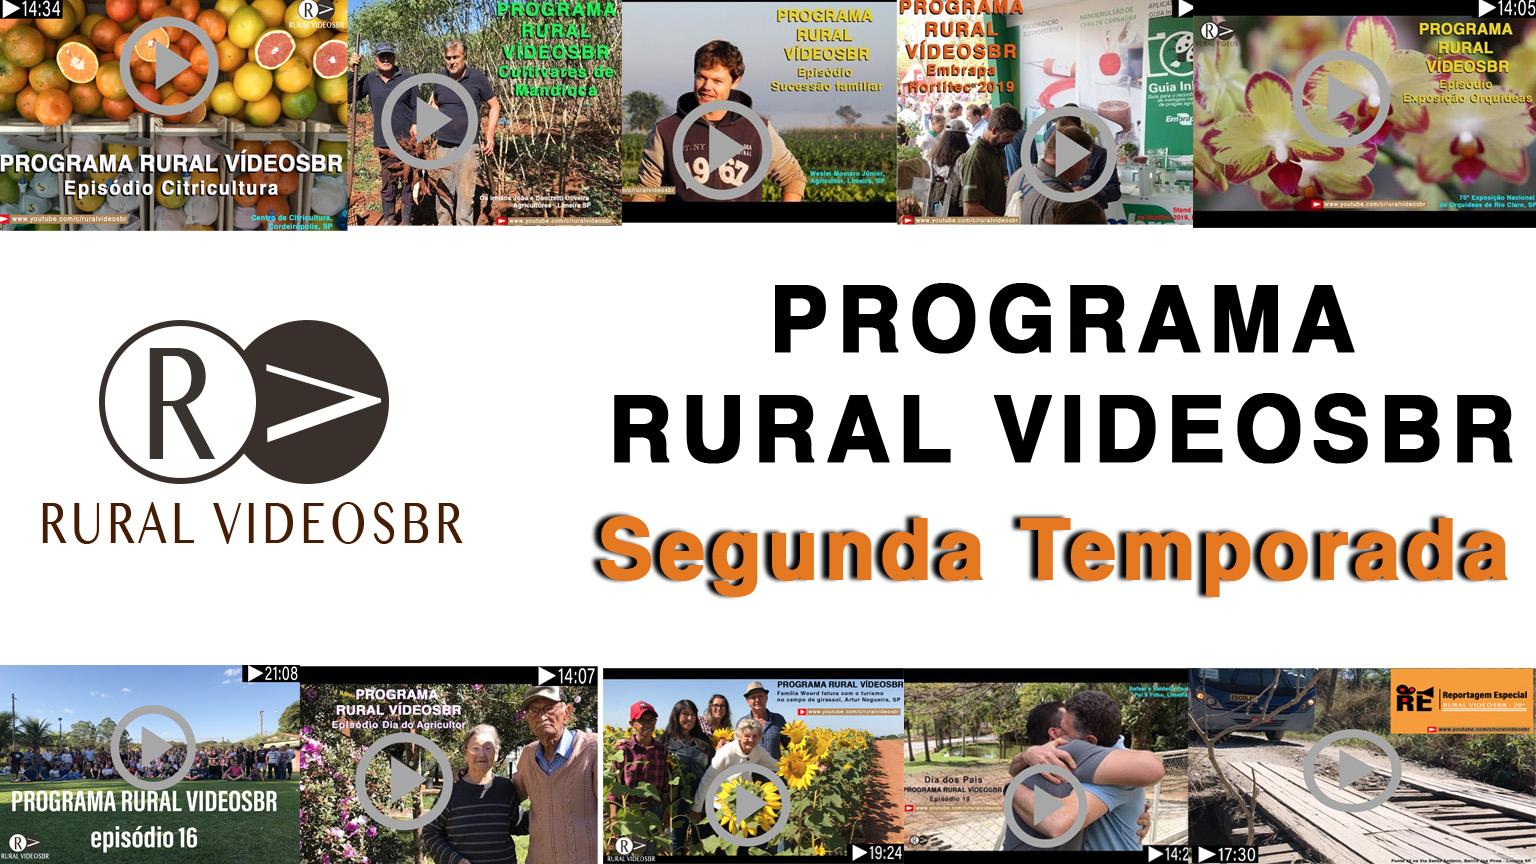 A segunda temporada do programa RURAL VÍDEOS está temática